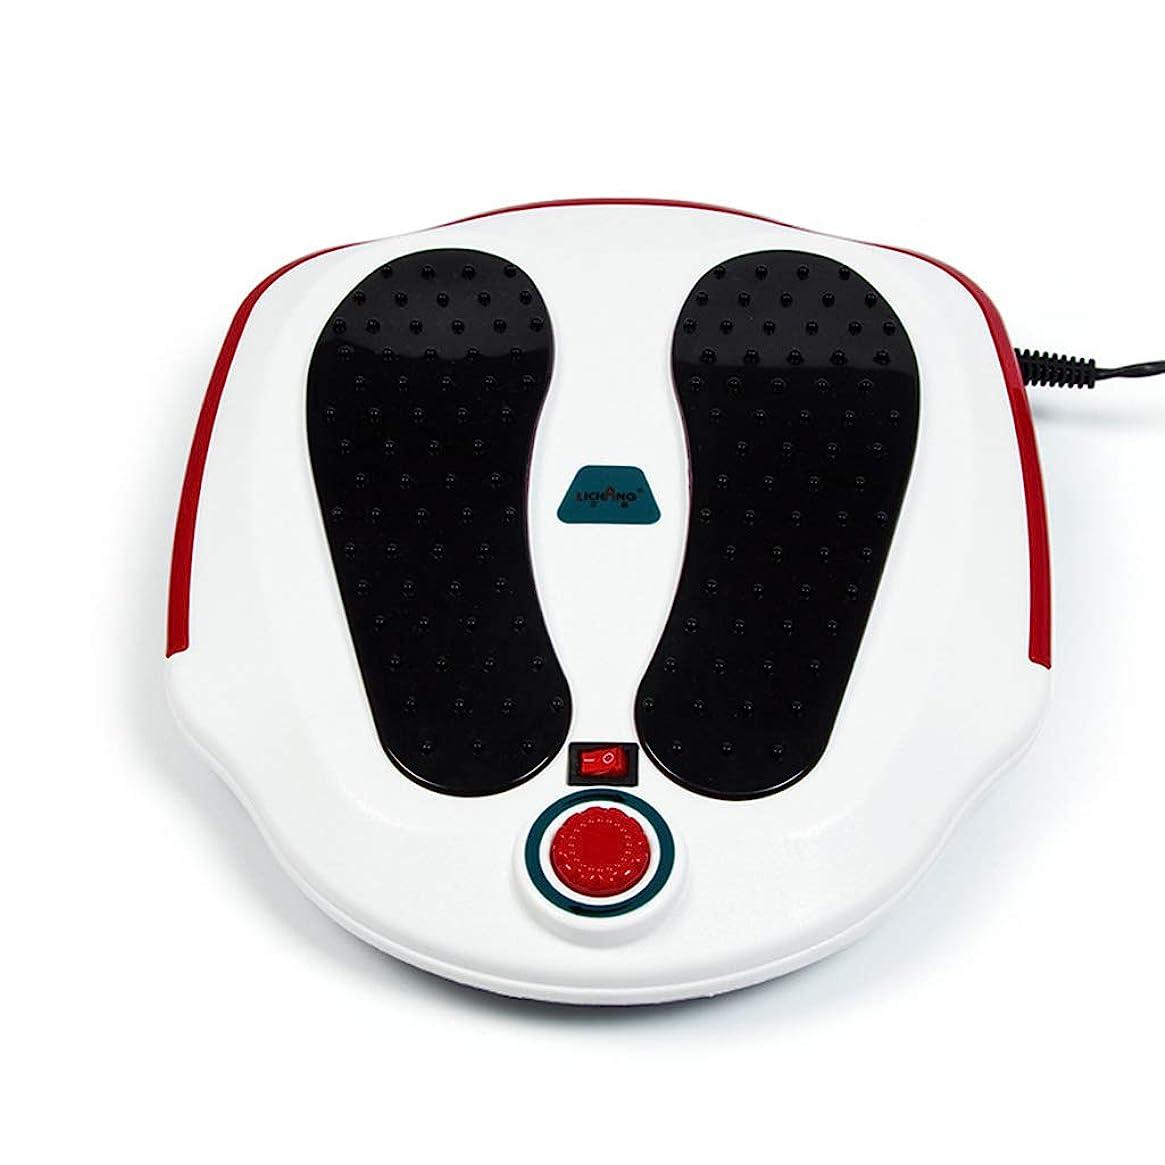 ウイルス黒買い手調整可能 足裏マッサージ、フルフットマッサージ体験のABS素材、硬い筋肉を柔らかくし、循環を改善し、痛みを和らげます リラックス, white